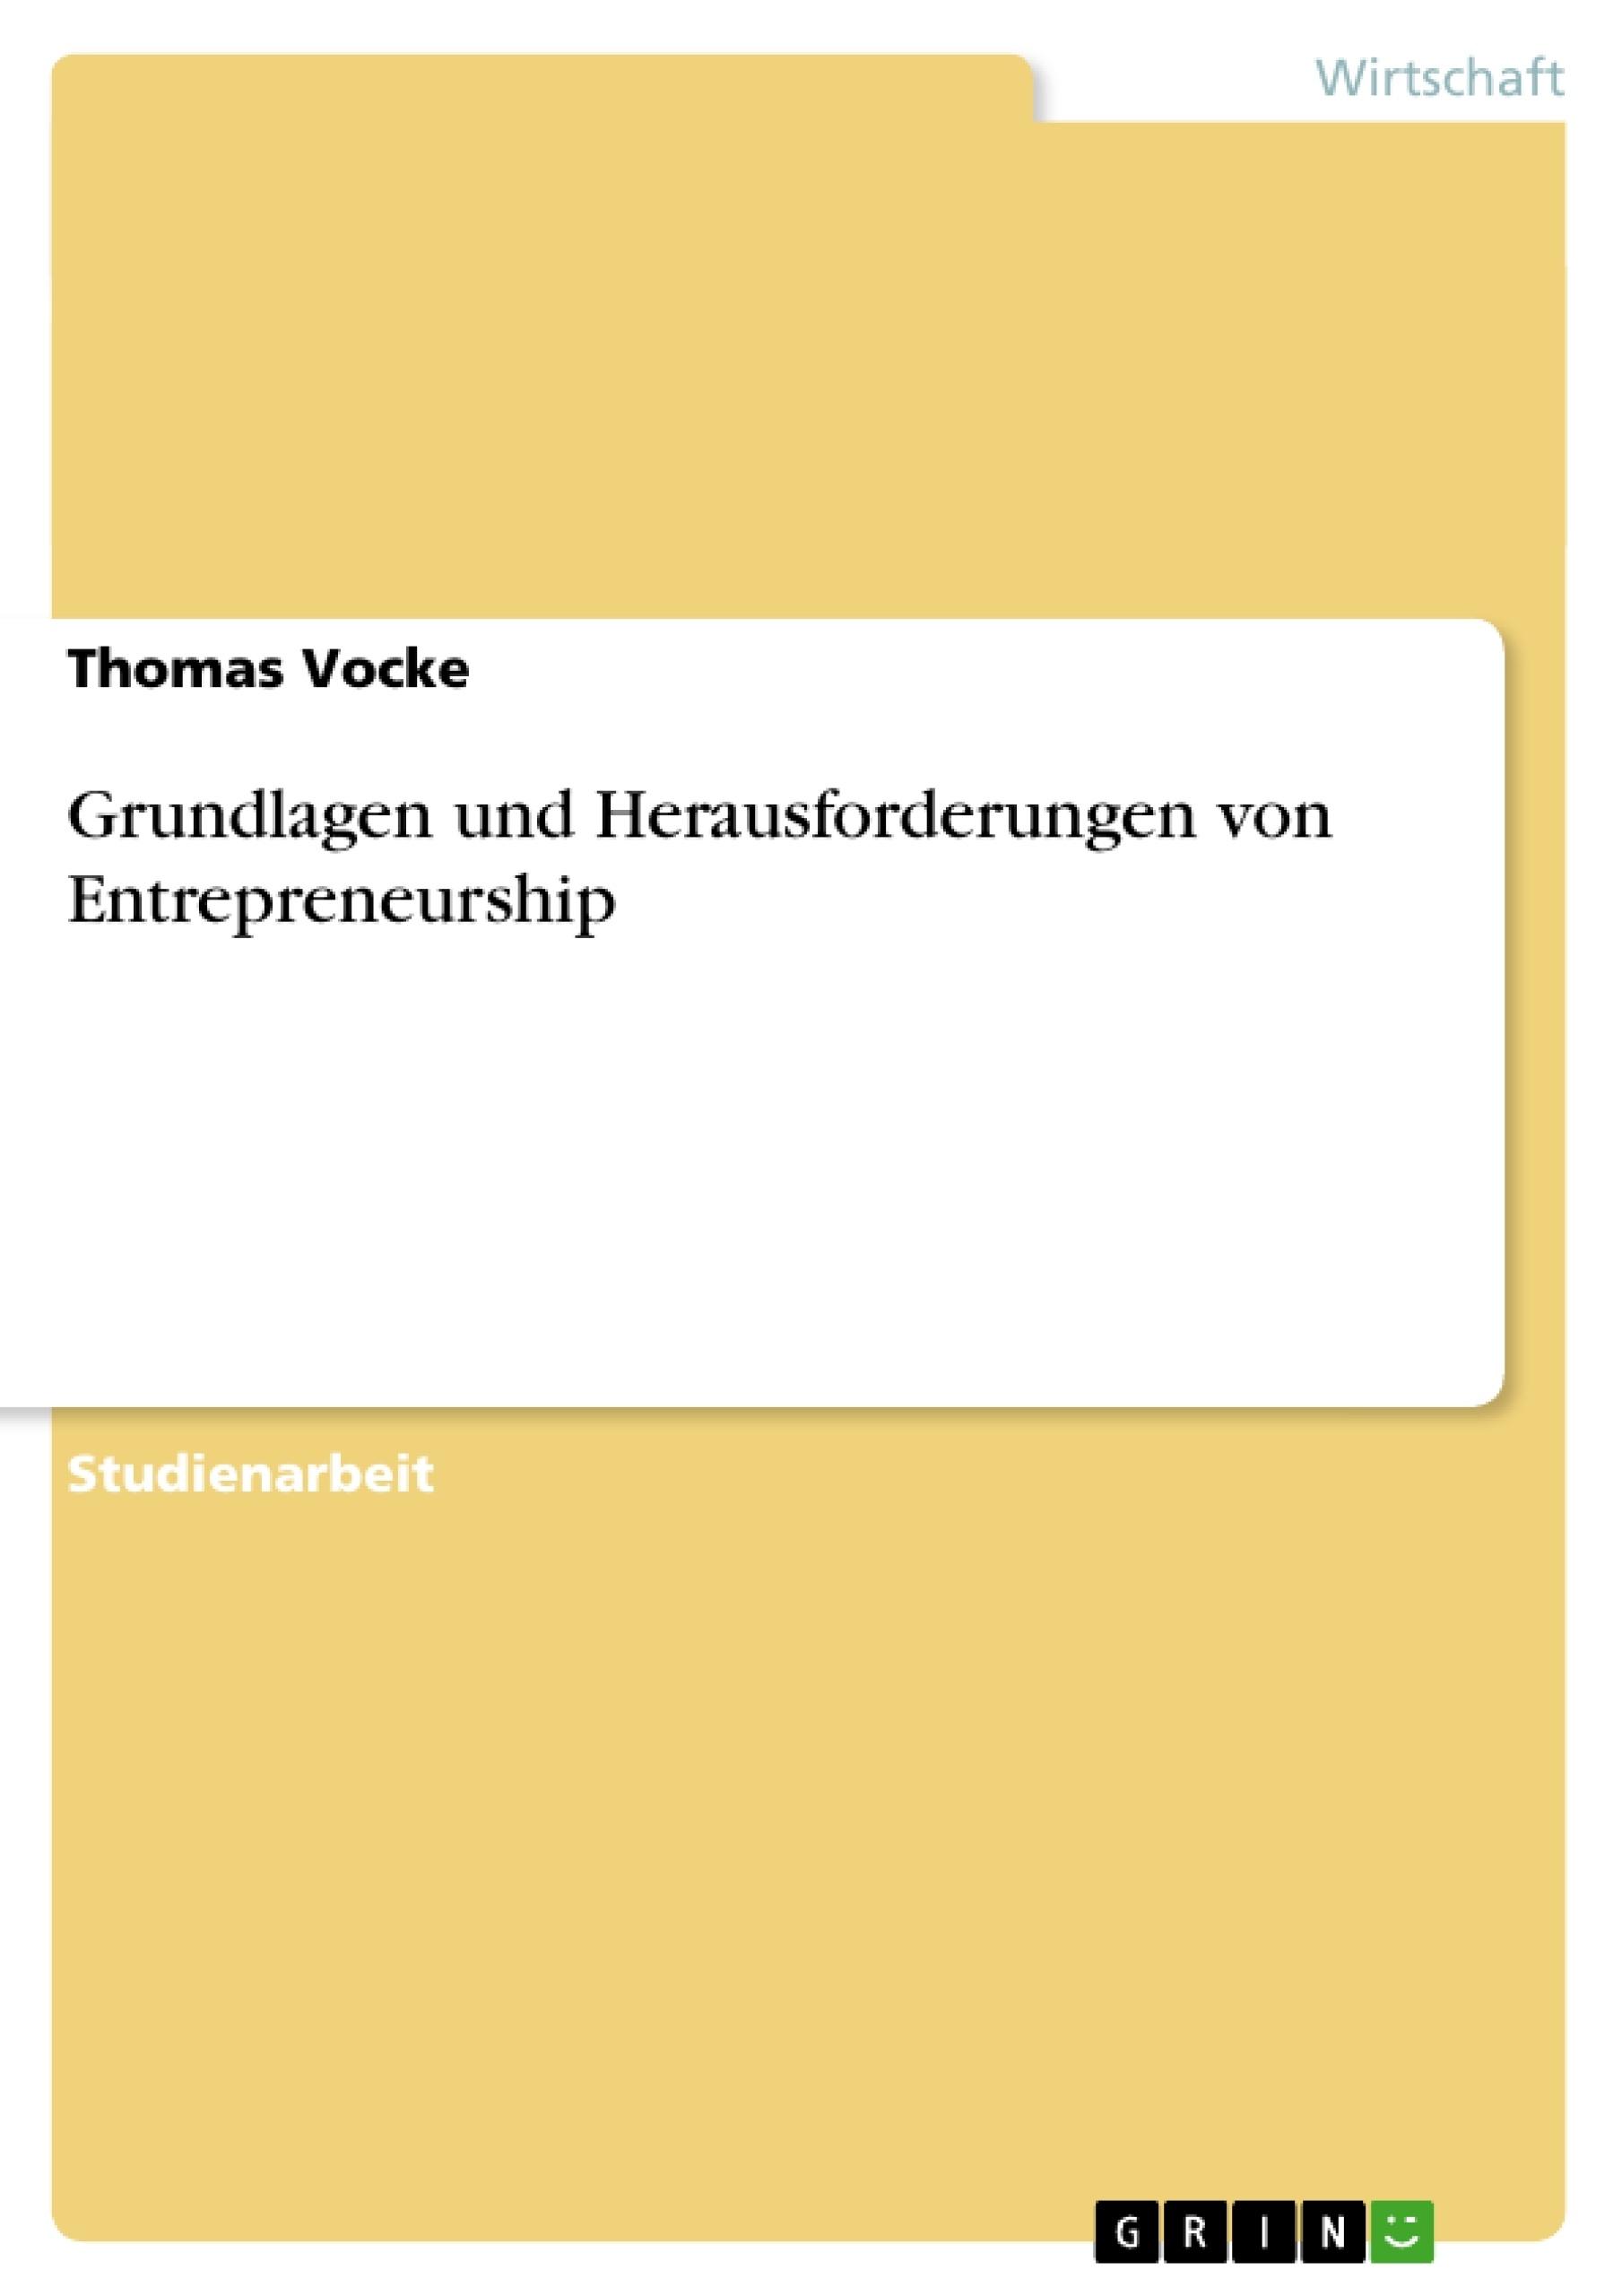 Titel: Grundlagen und Herausforderungen von Entrepreneurship